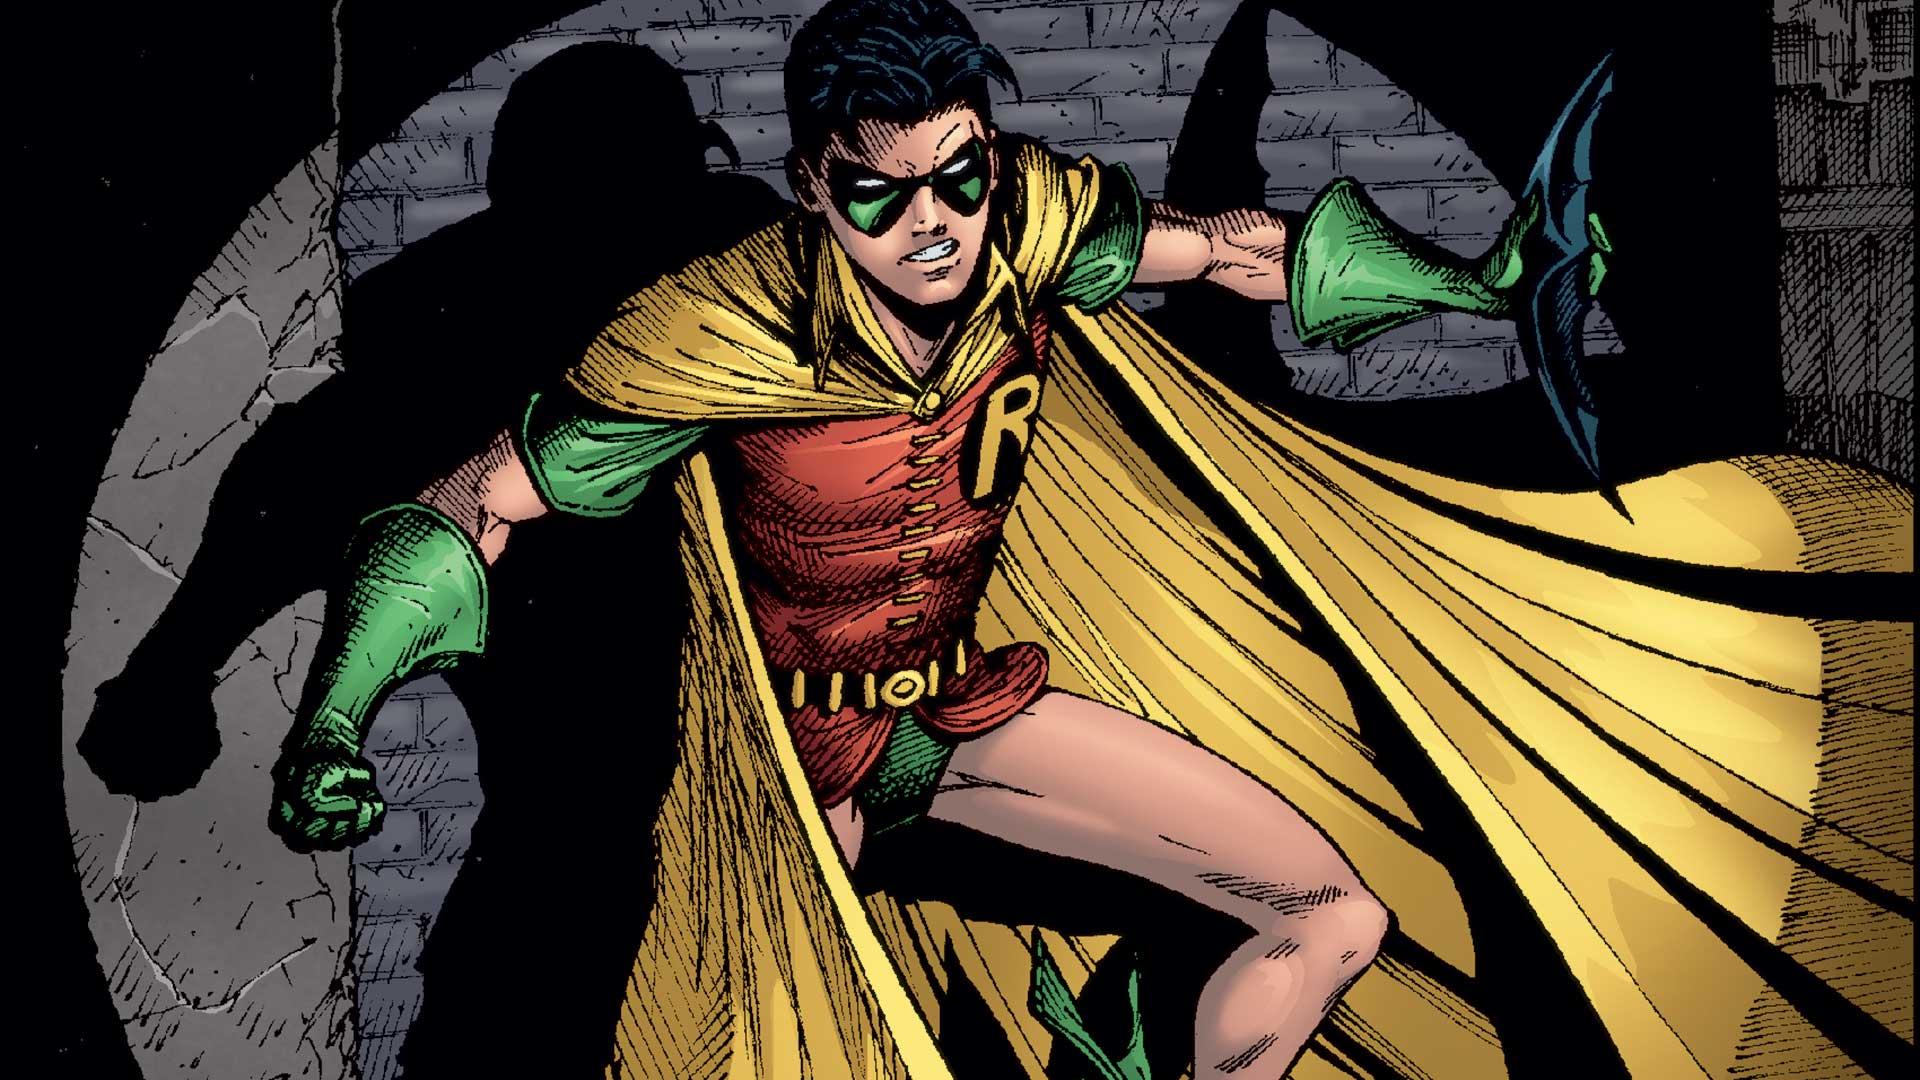 Robin; The Batman